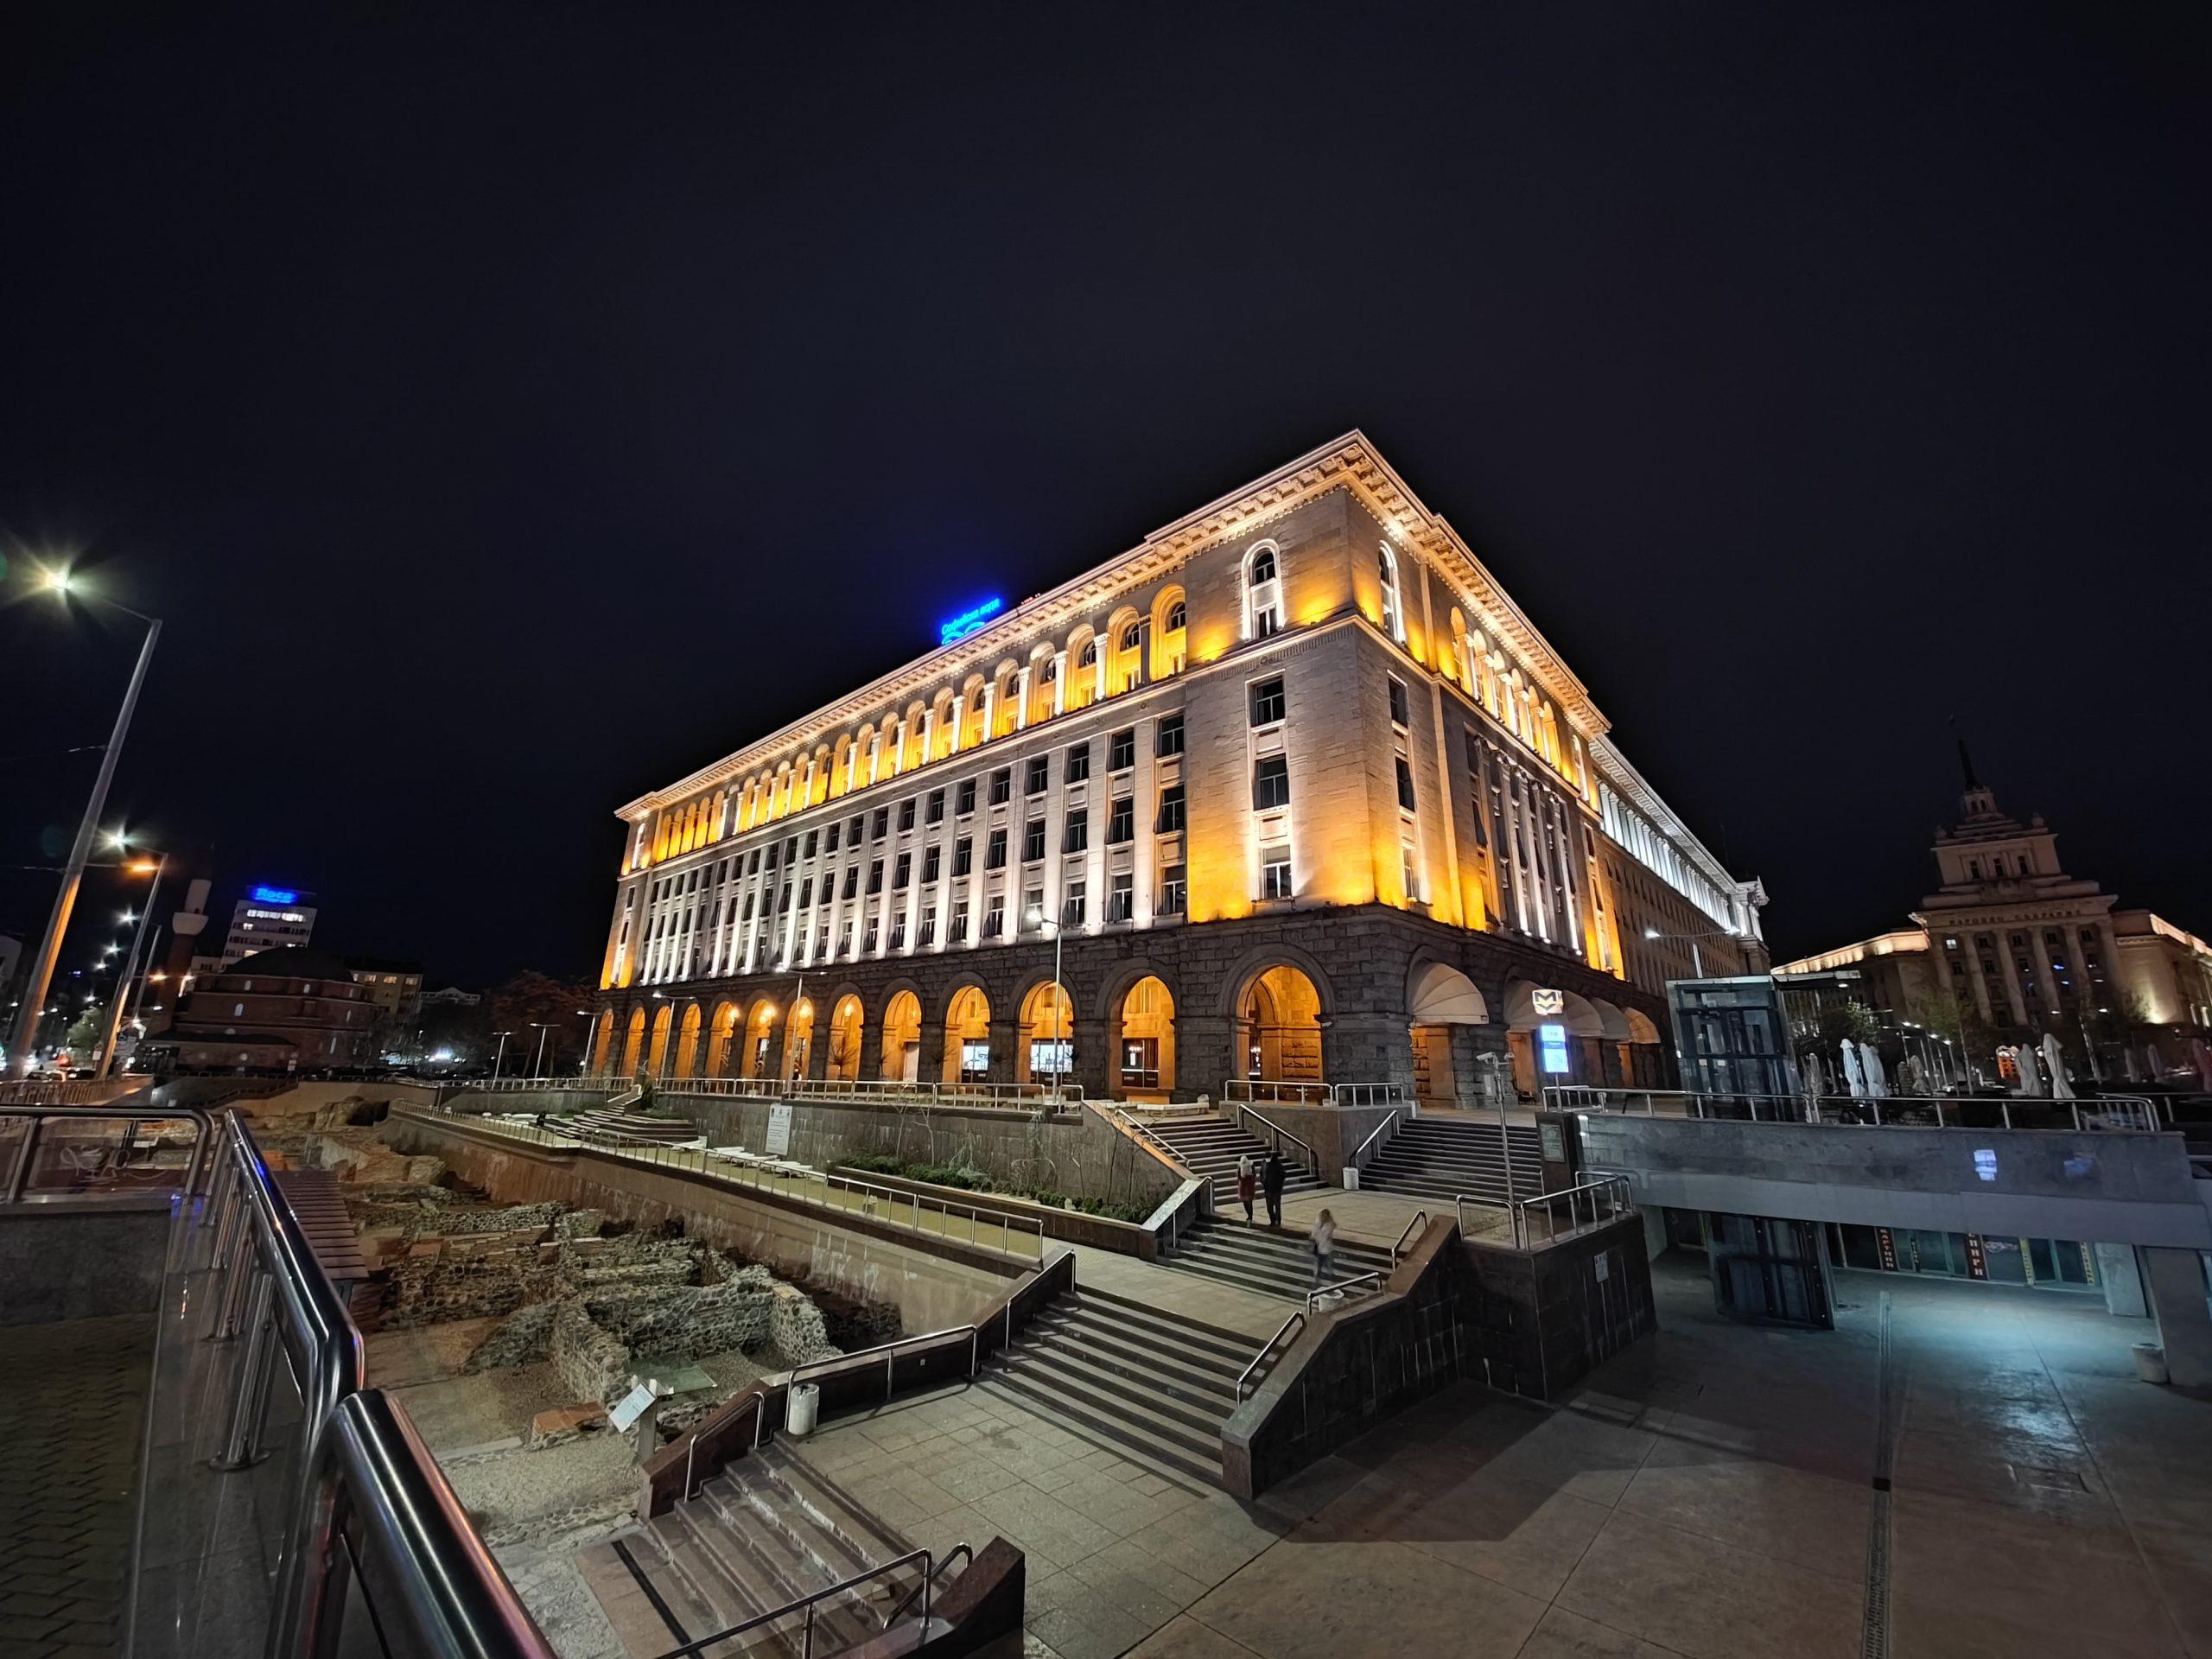 دوربین فوق عریض در شب نایت مد scaled